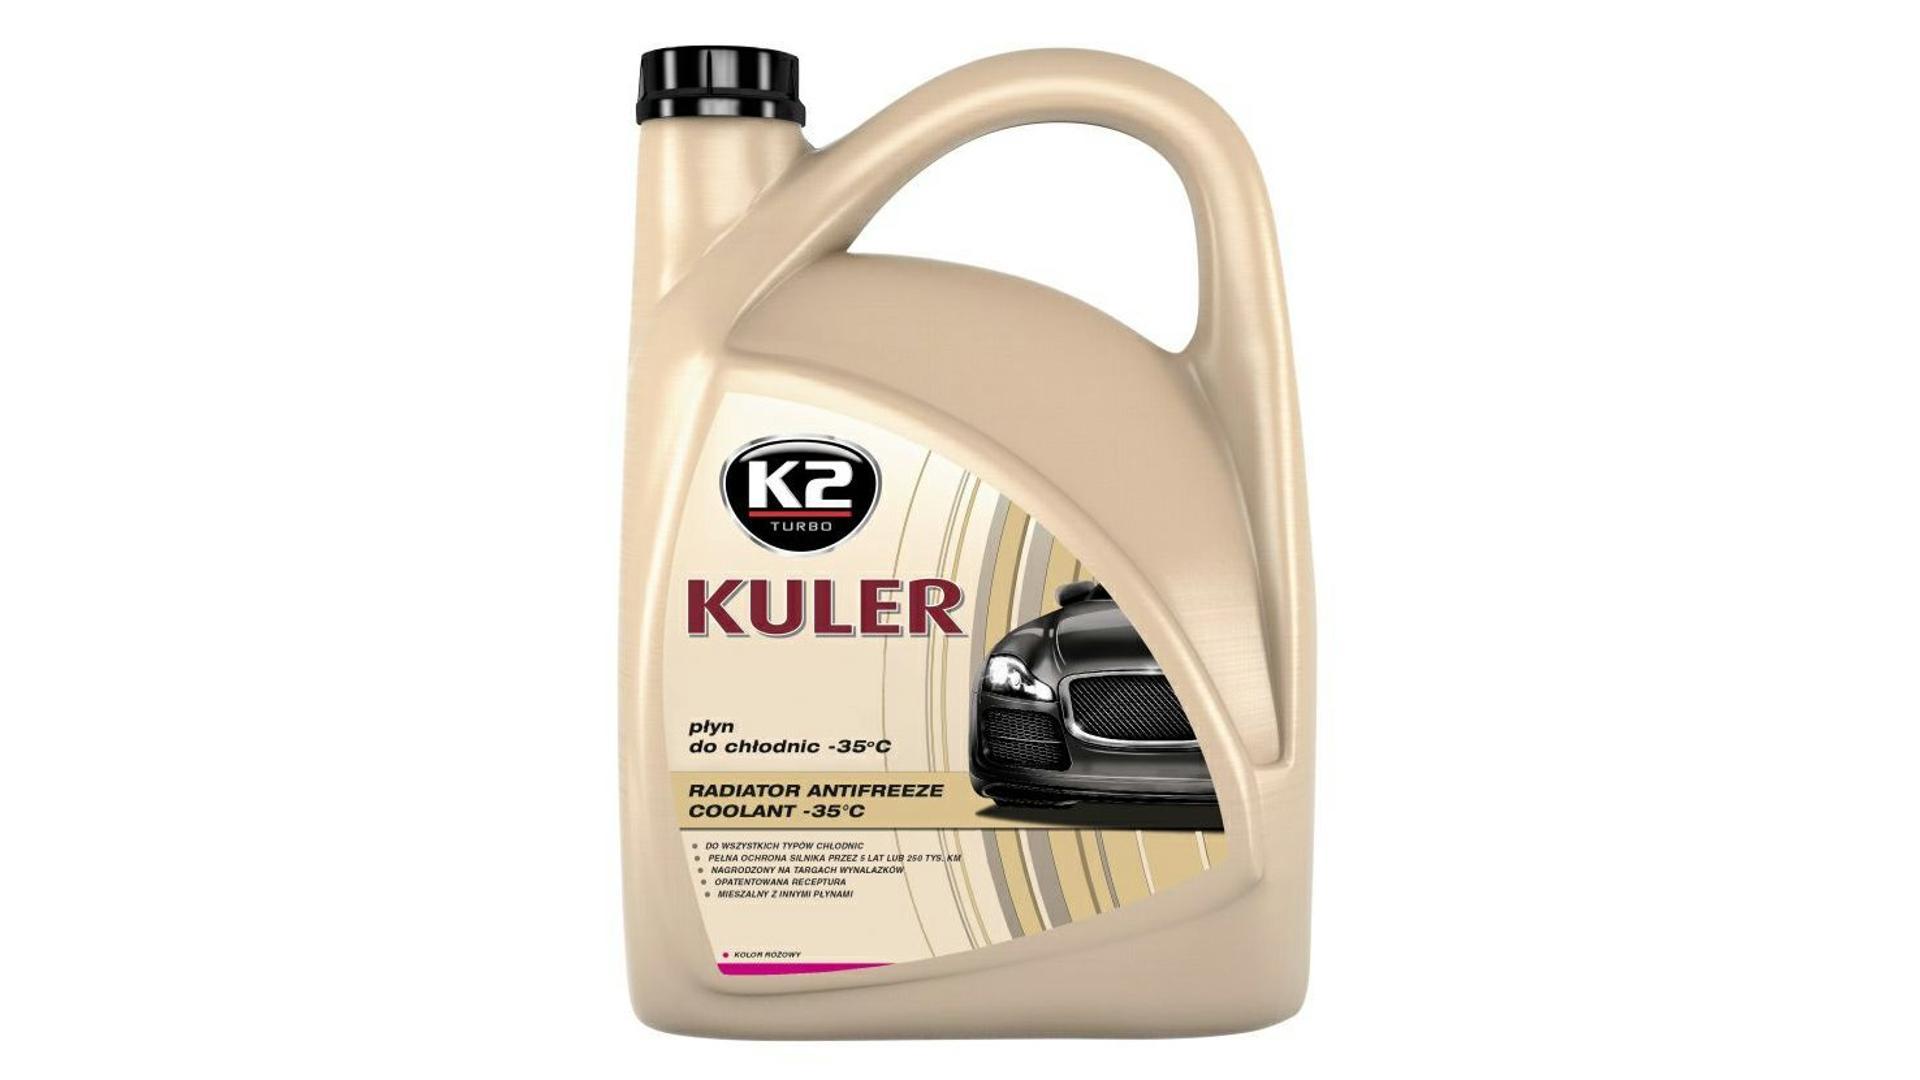 K2 KULER G13 RŮŽOVÁ 5l - nemrznoucí kapalina do chladiče do -35 °C